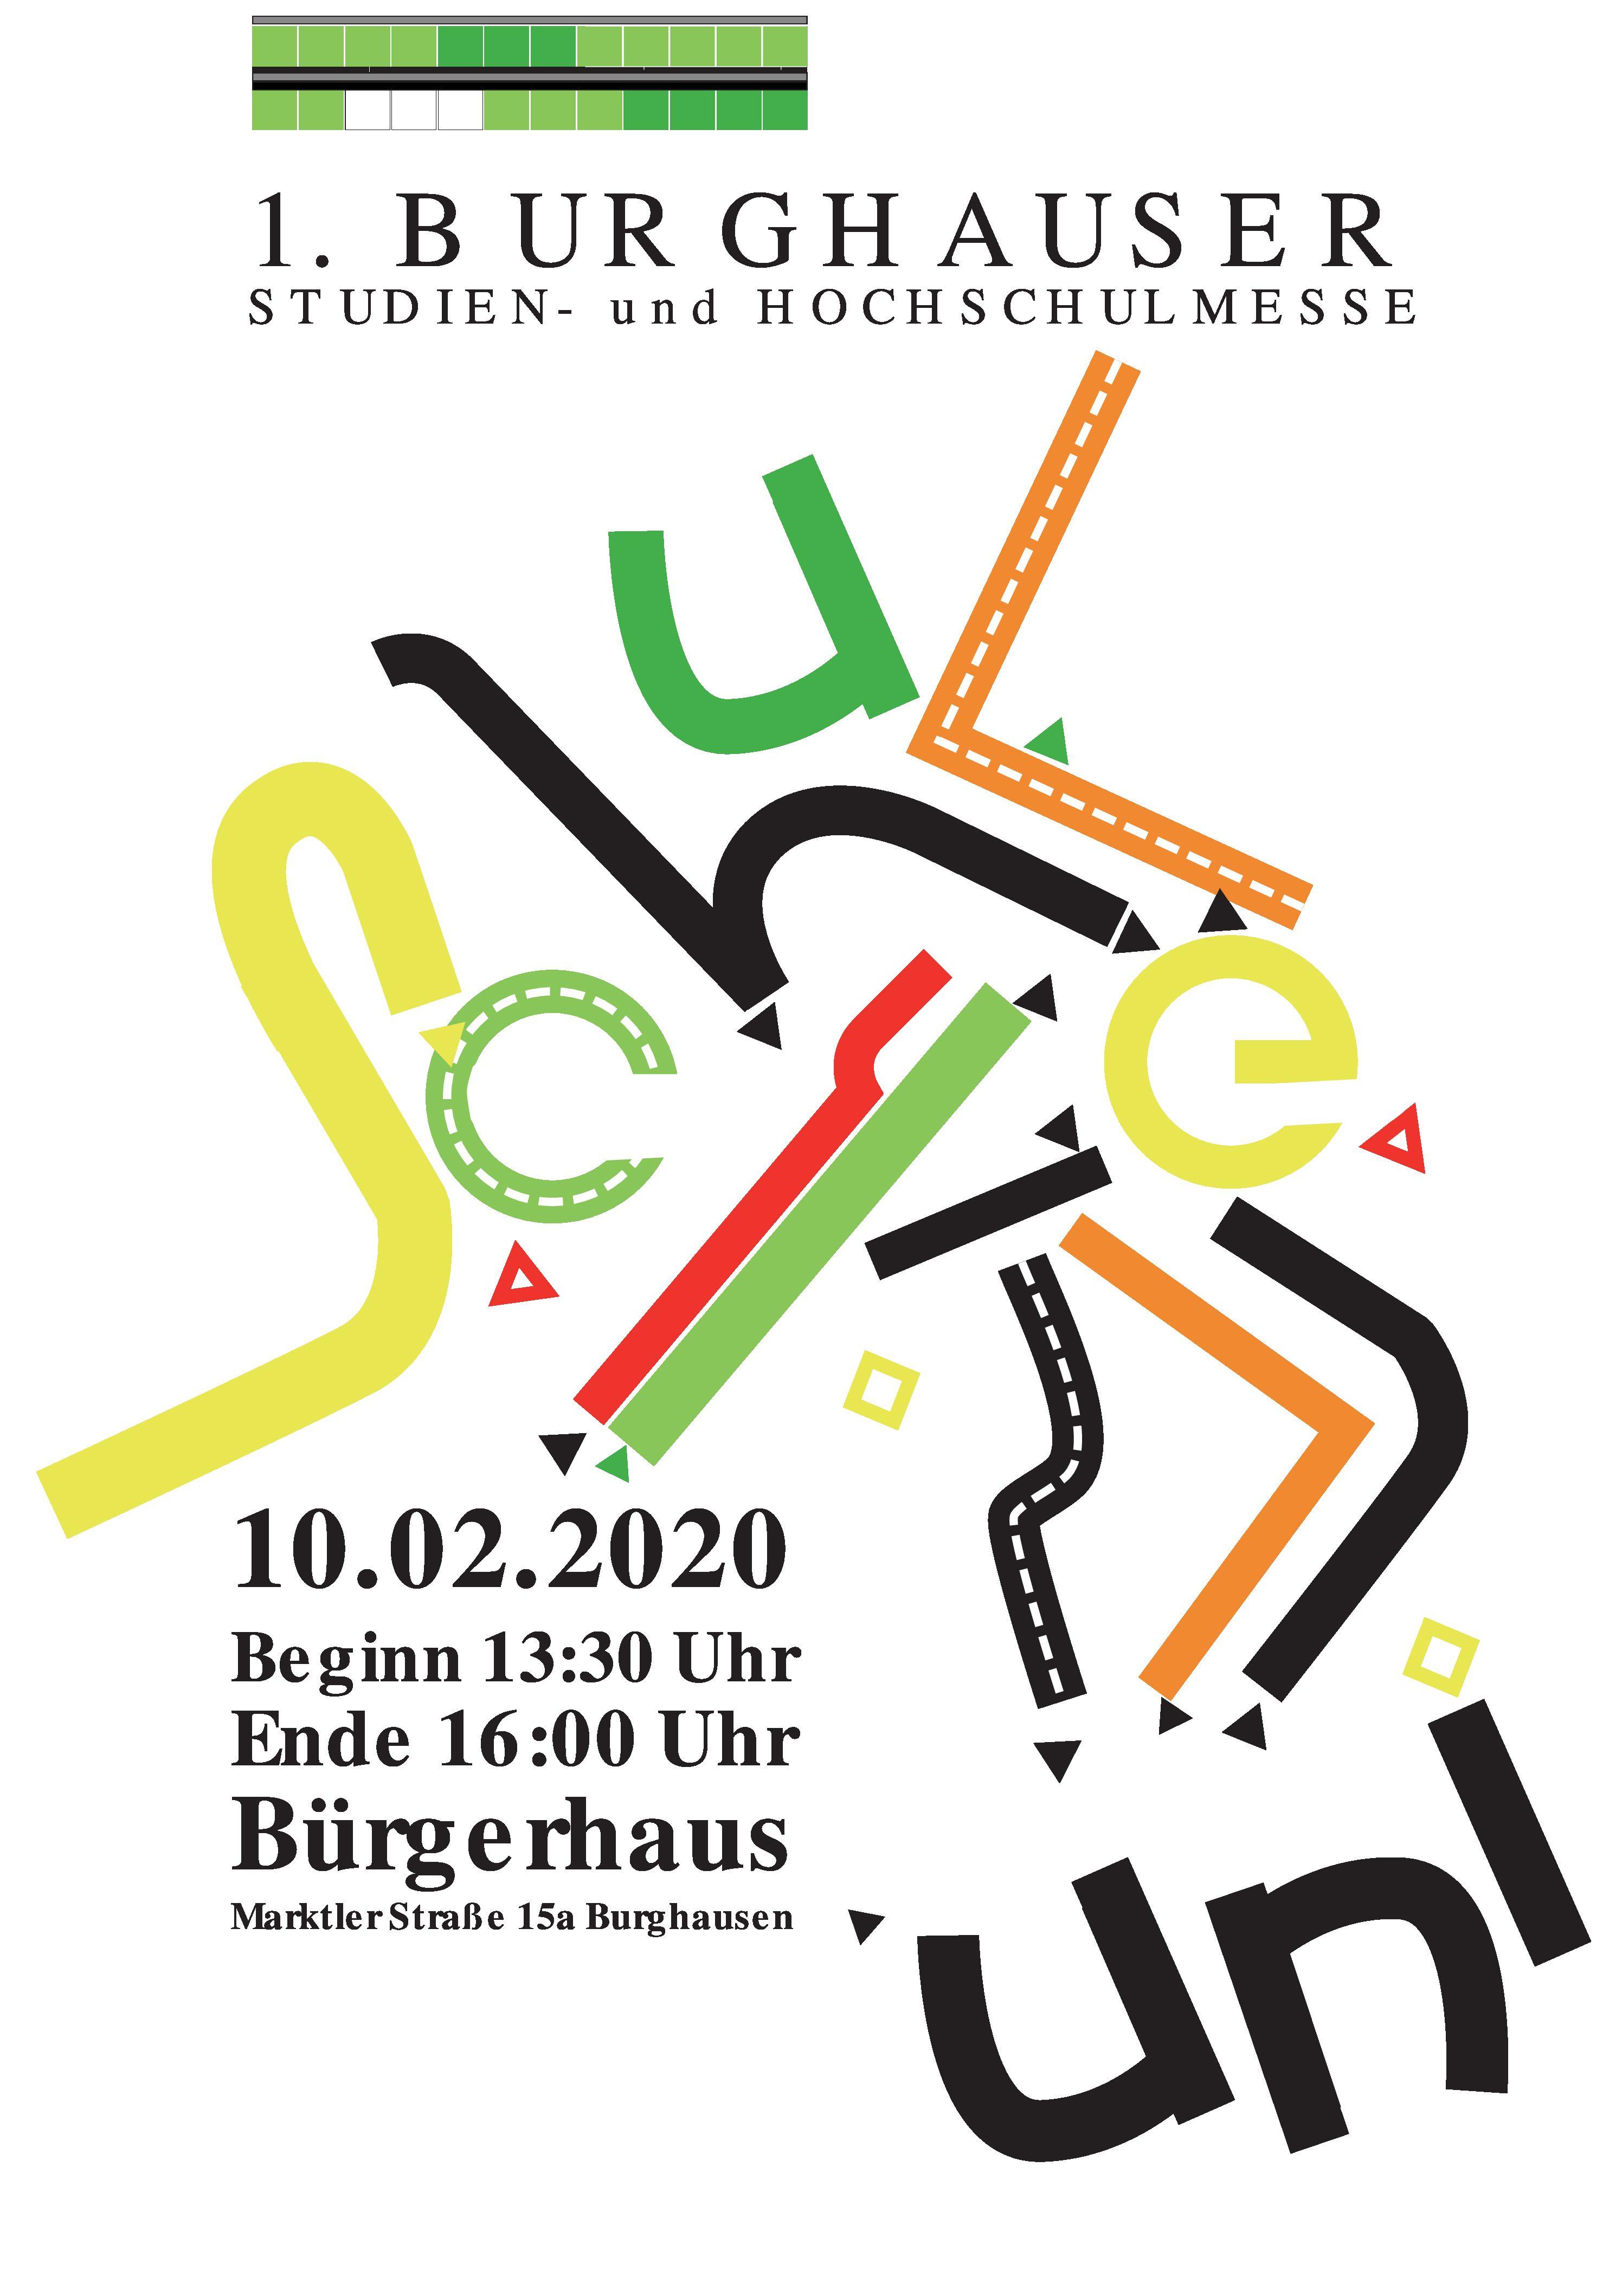 1. BURGHAUSER STUDIEN- Und HOCHSCHULMESSE